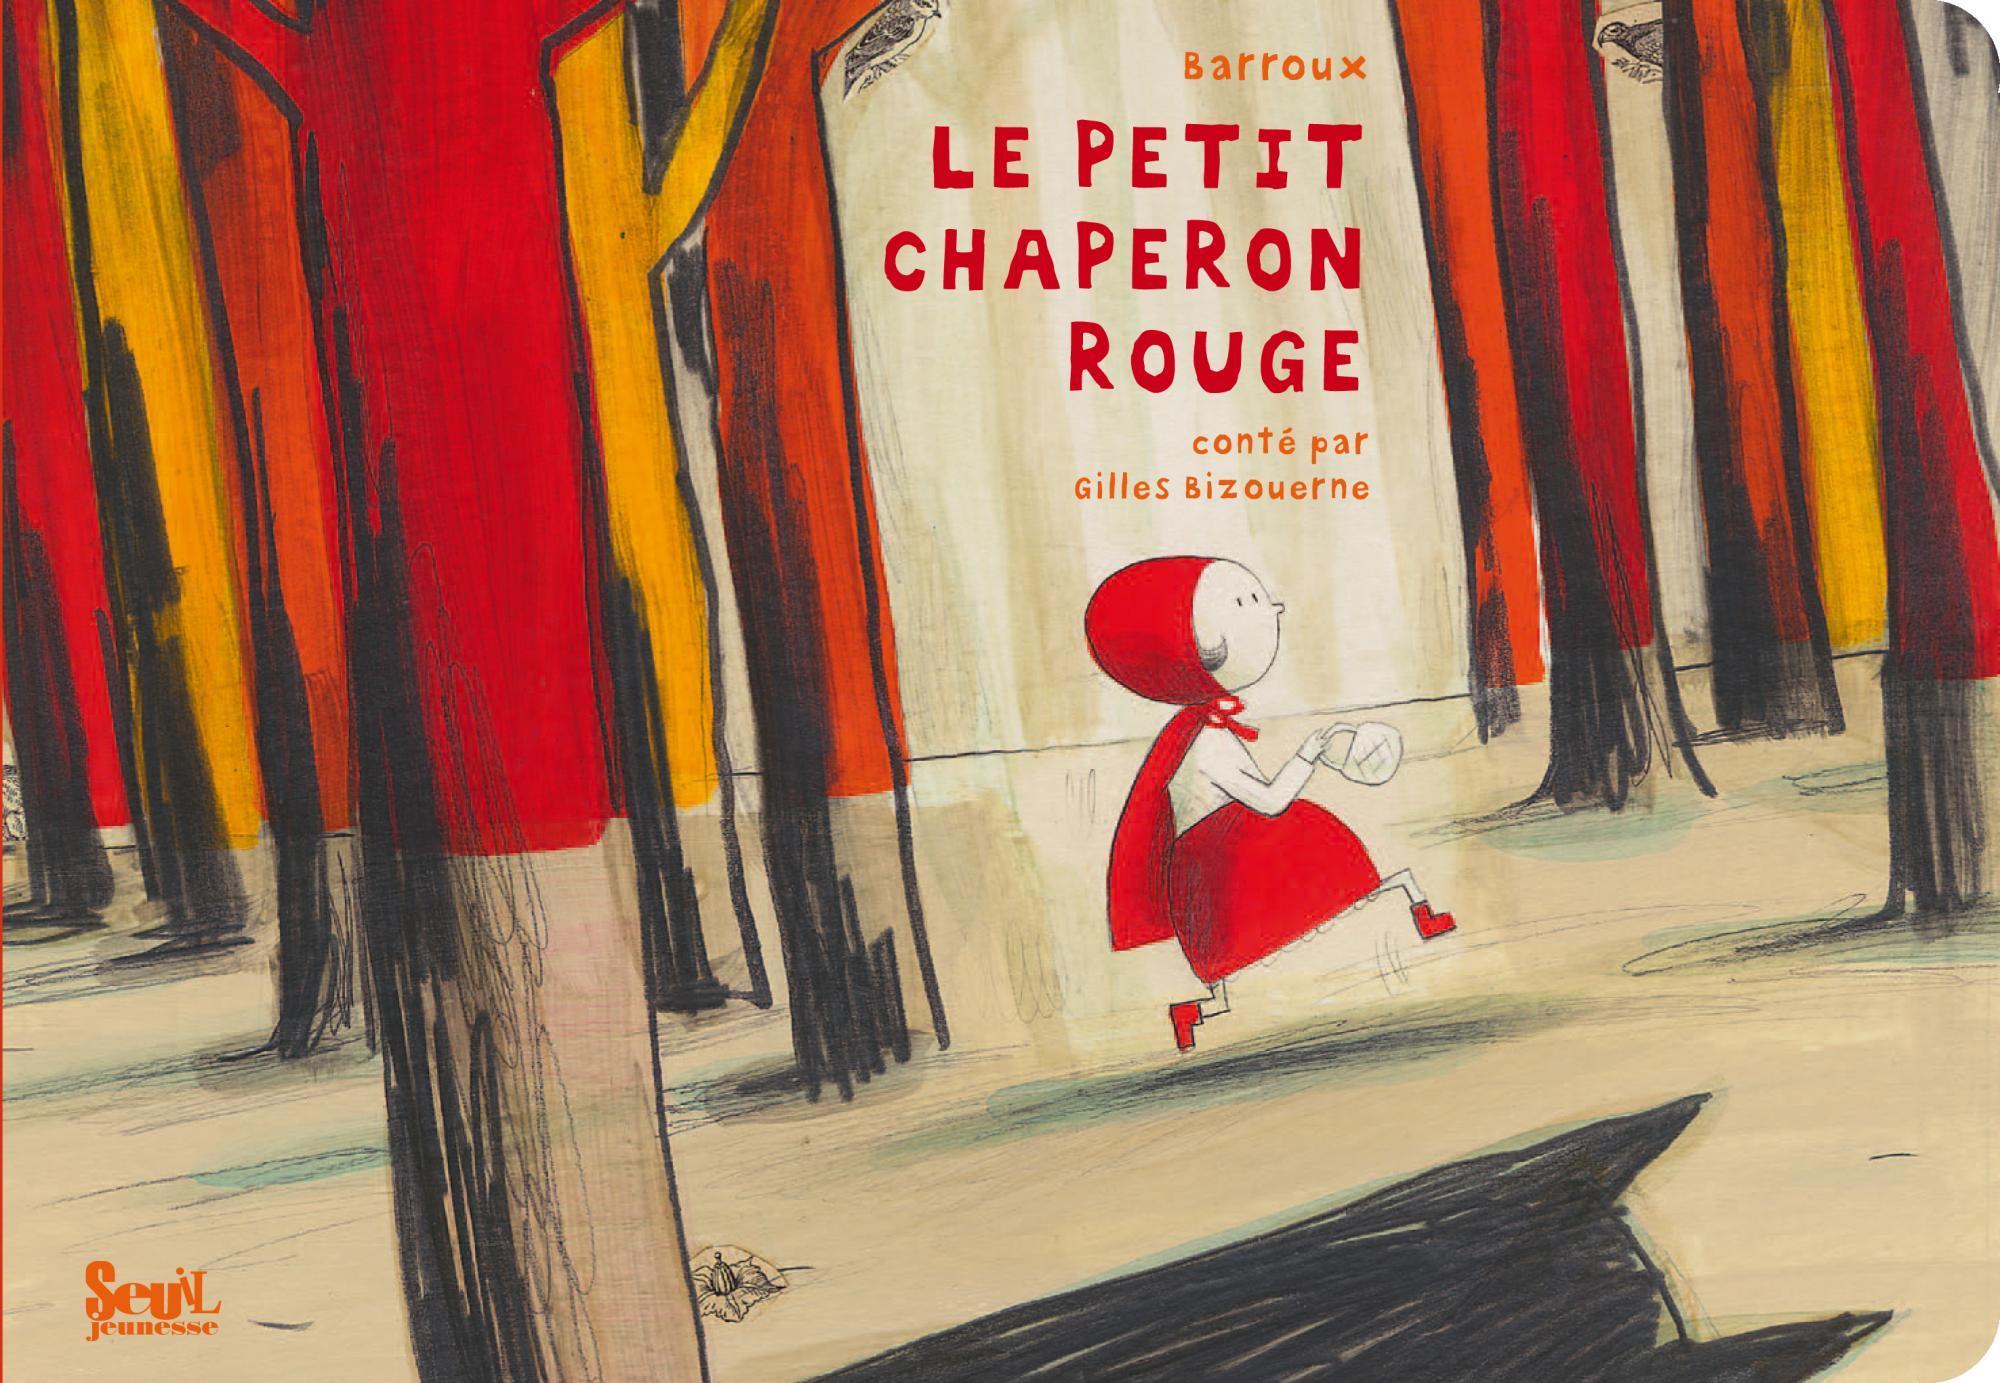 editions rencontre lausanne jules verne Choisy-le-Roi